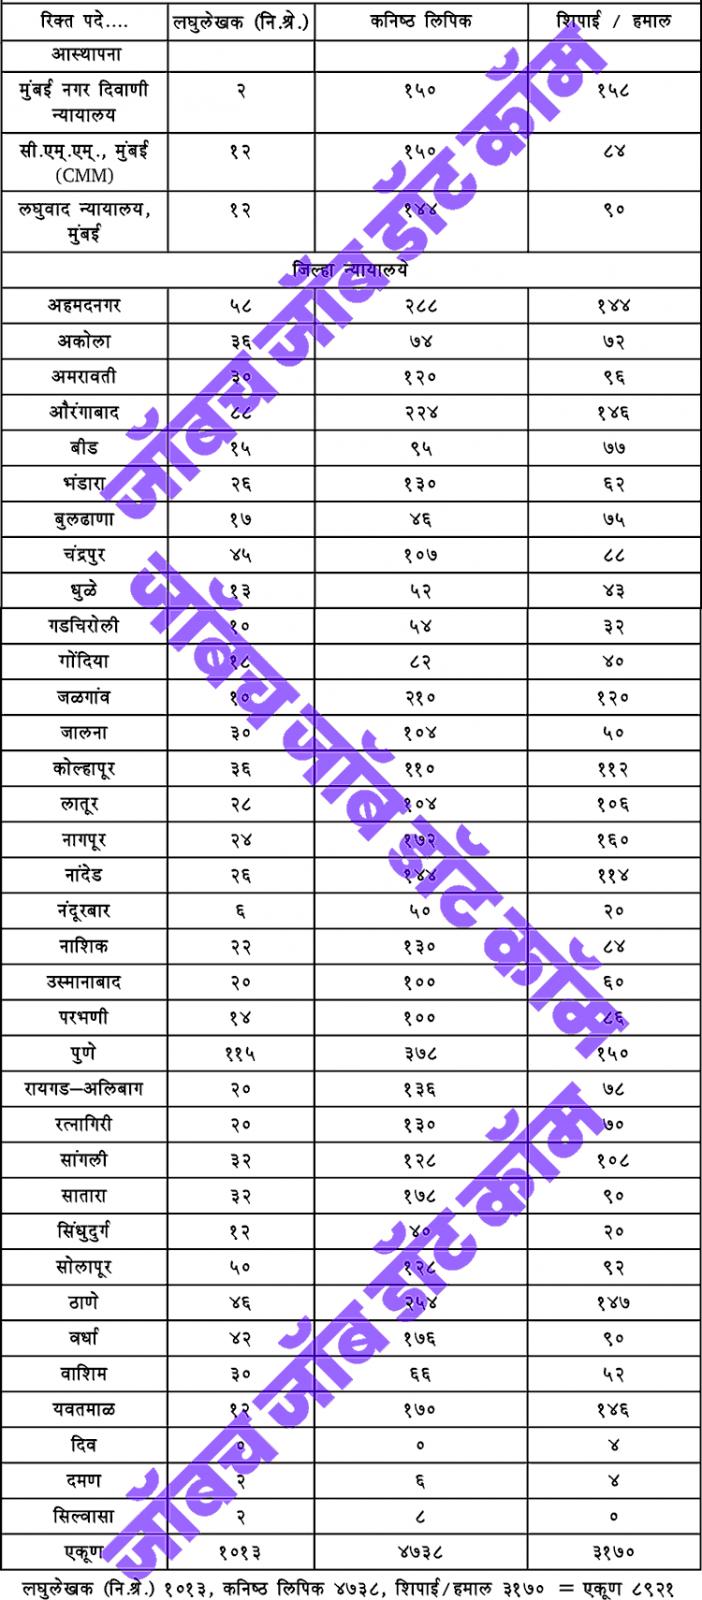 Maha Jilha Nyayalay Bharti District Court Recruitment 2018